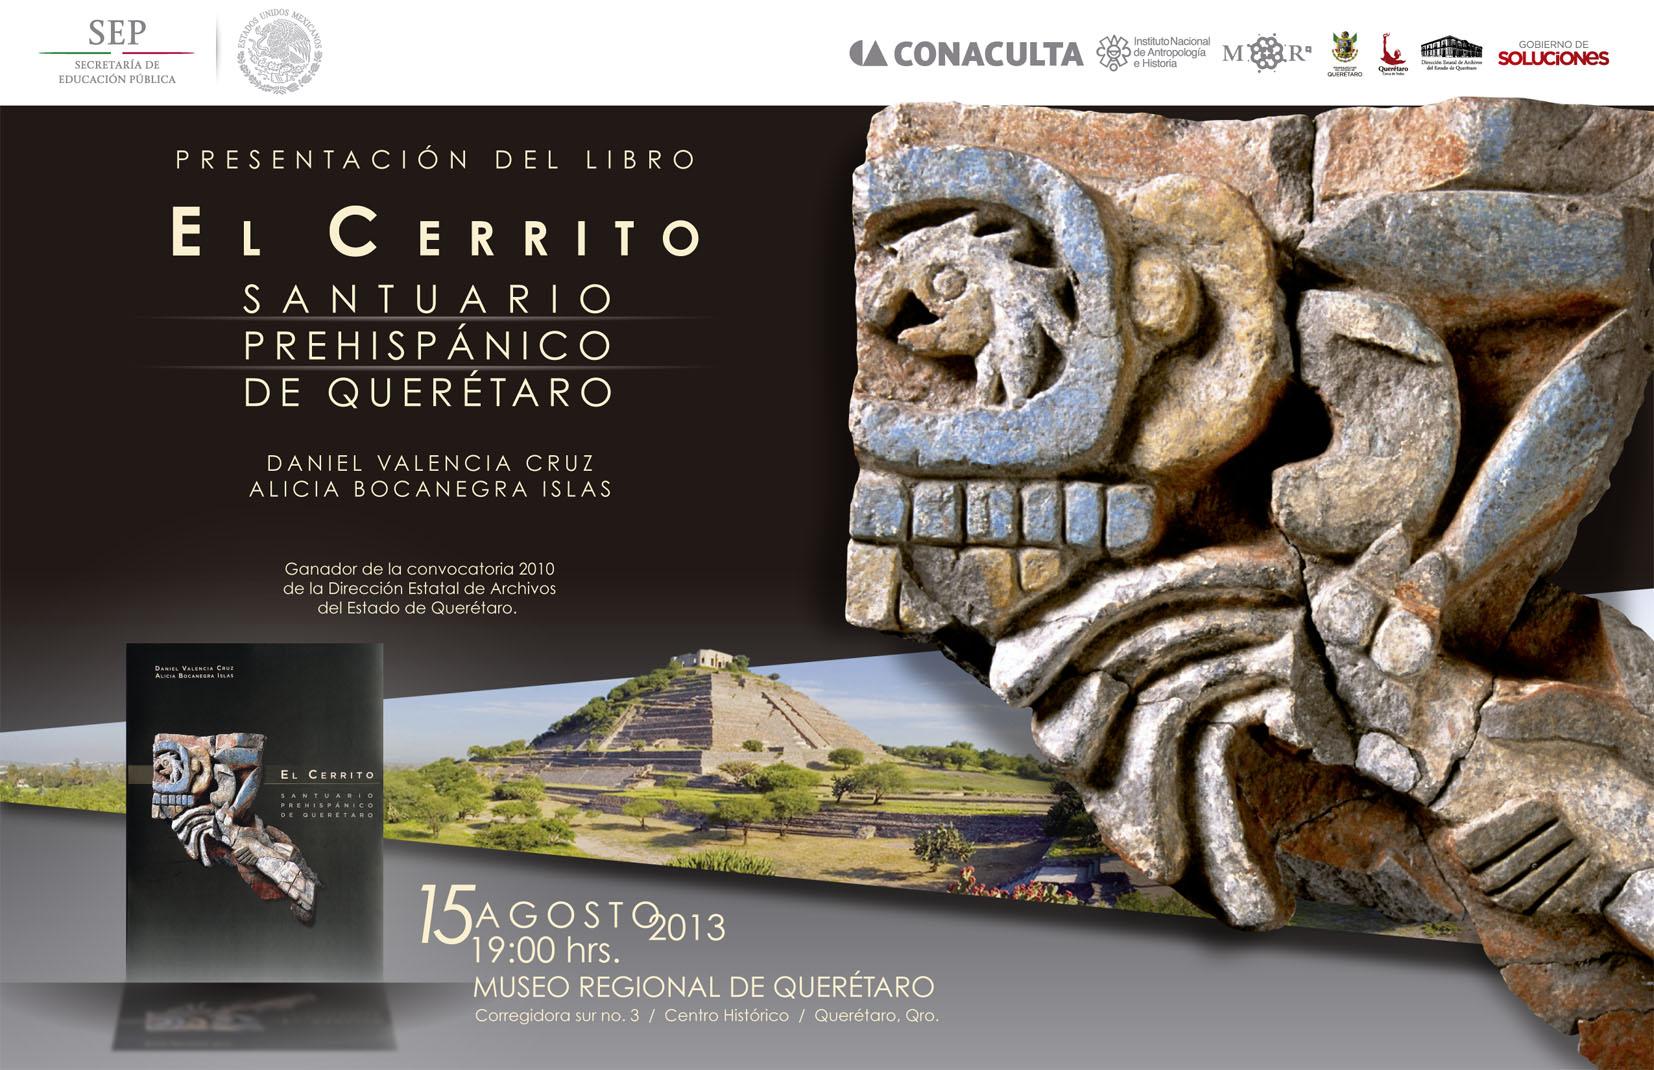 Presentacion del Libro: El Cerrito, Santuario Prehispánico de Querétaro